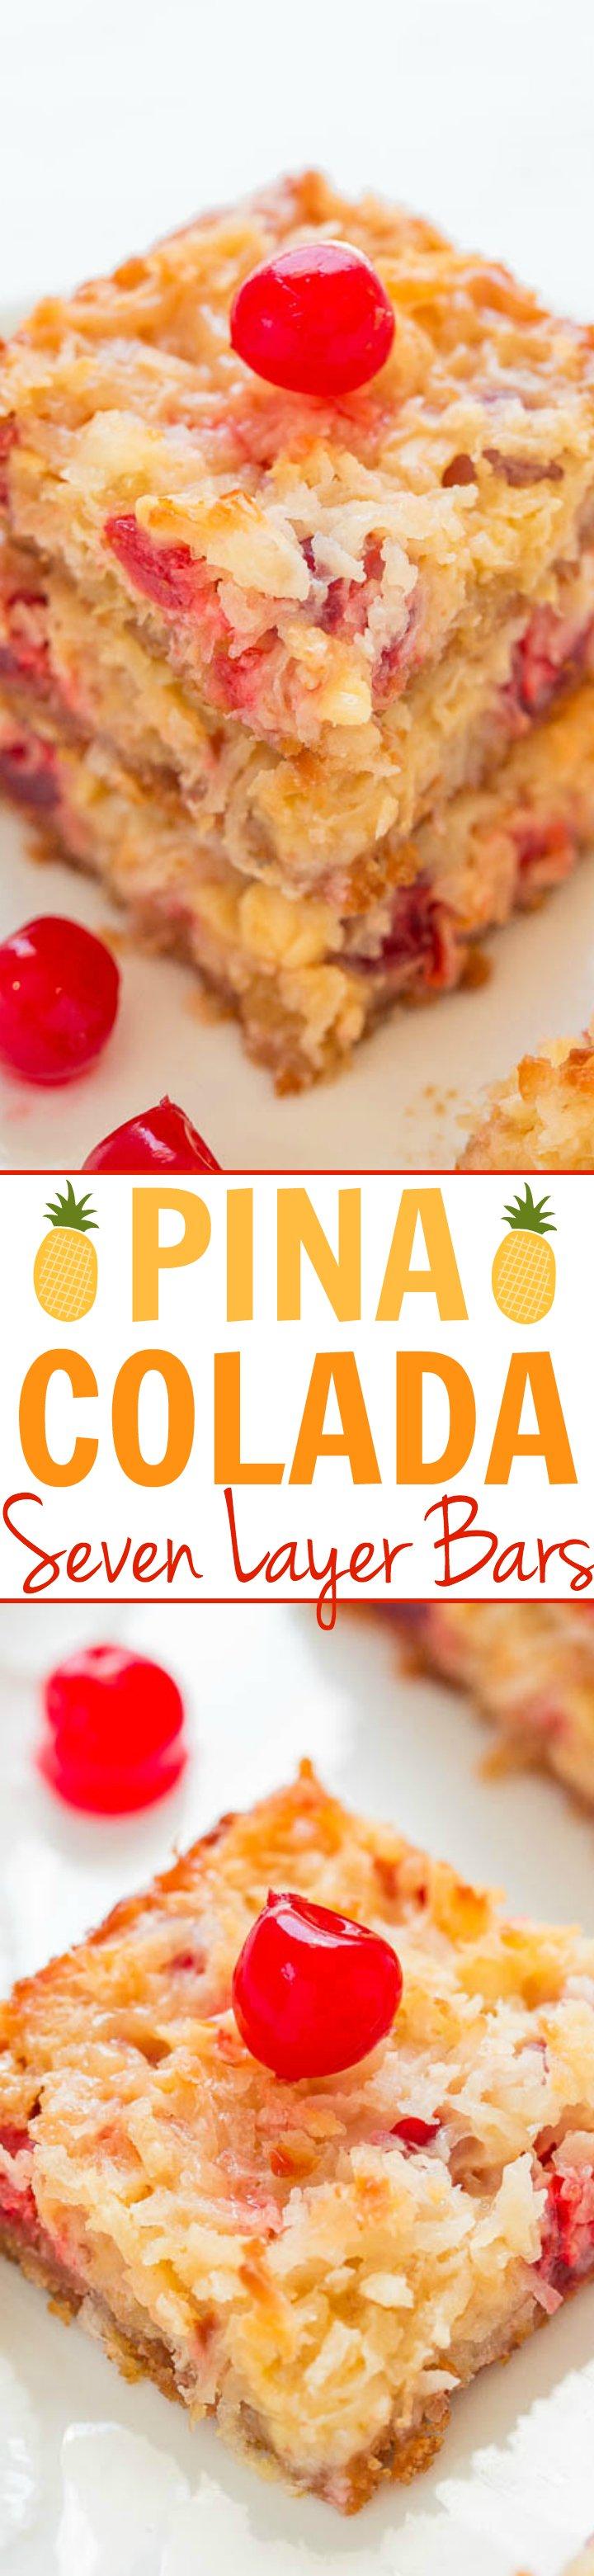 Pina Colada Seven Layer Bars Collage